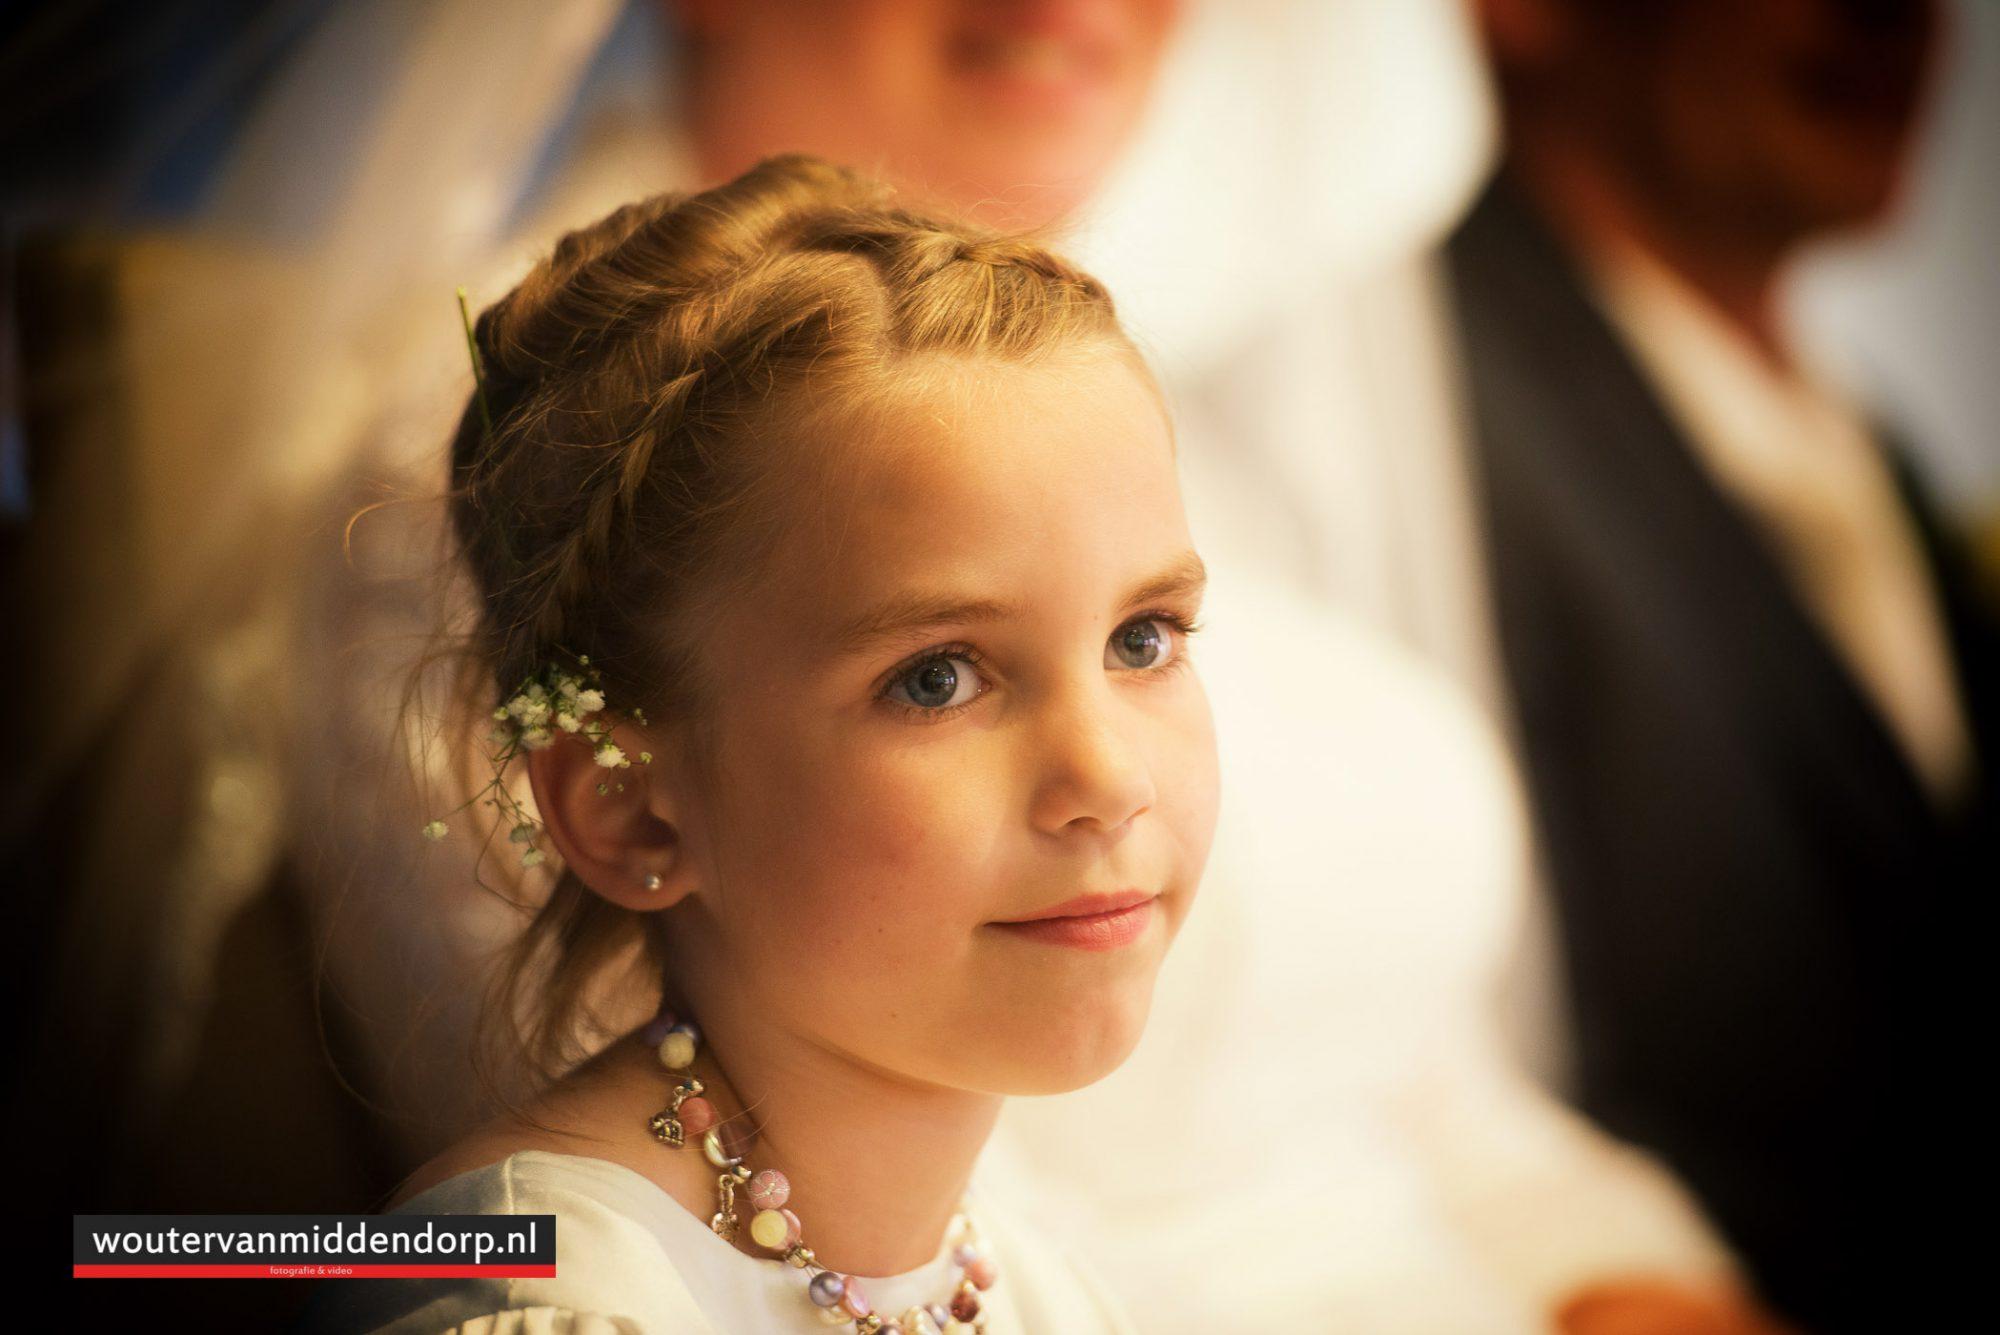 bruidsfotografie-wouter-van-middendorp-veenendaal-uddel-29